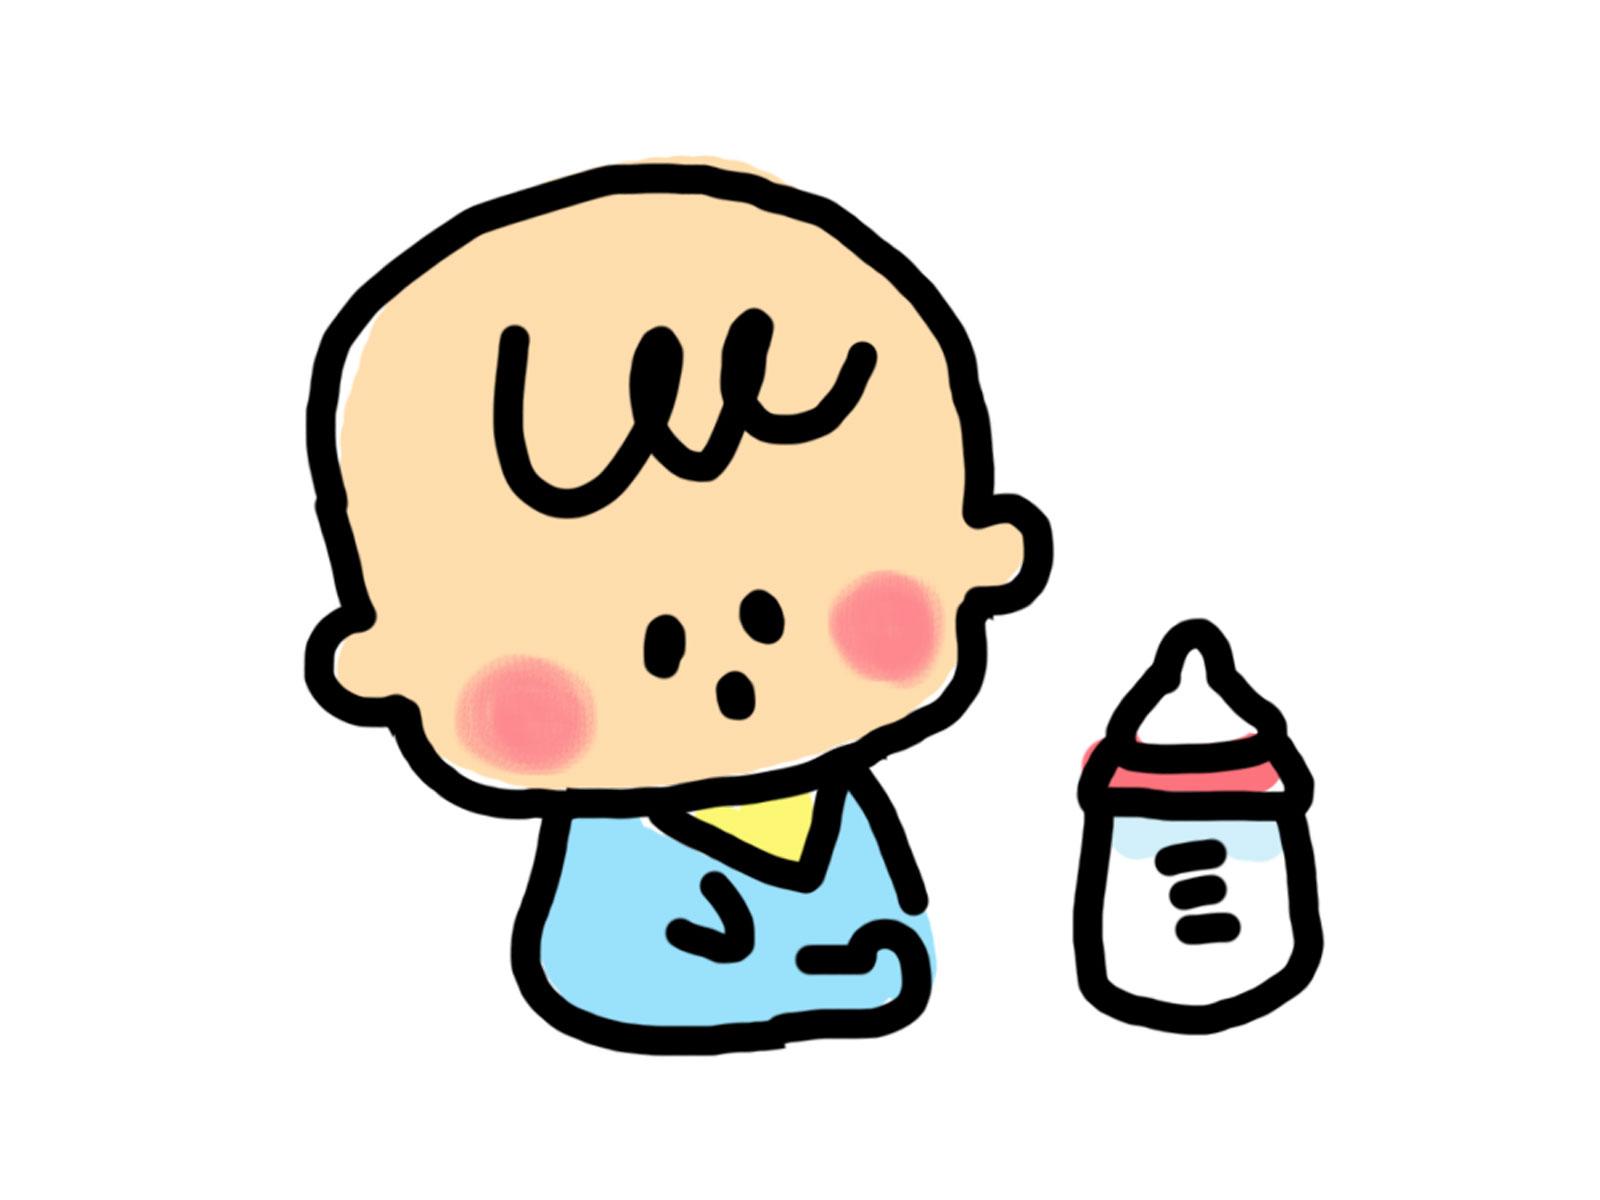 赤ちゃんのかわいい無料イラスト13選! | 育児ネット